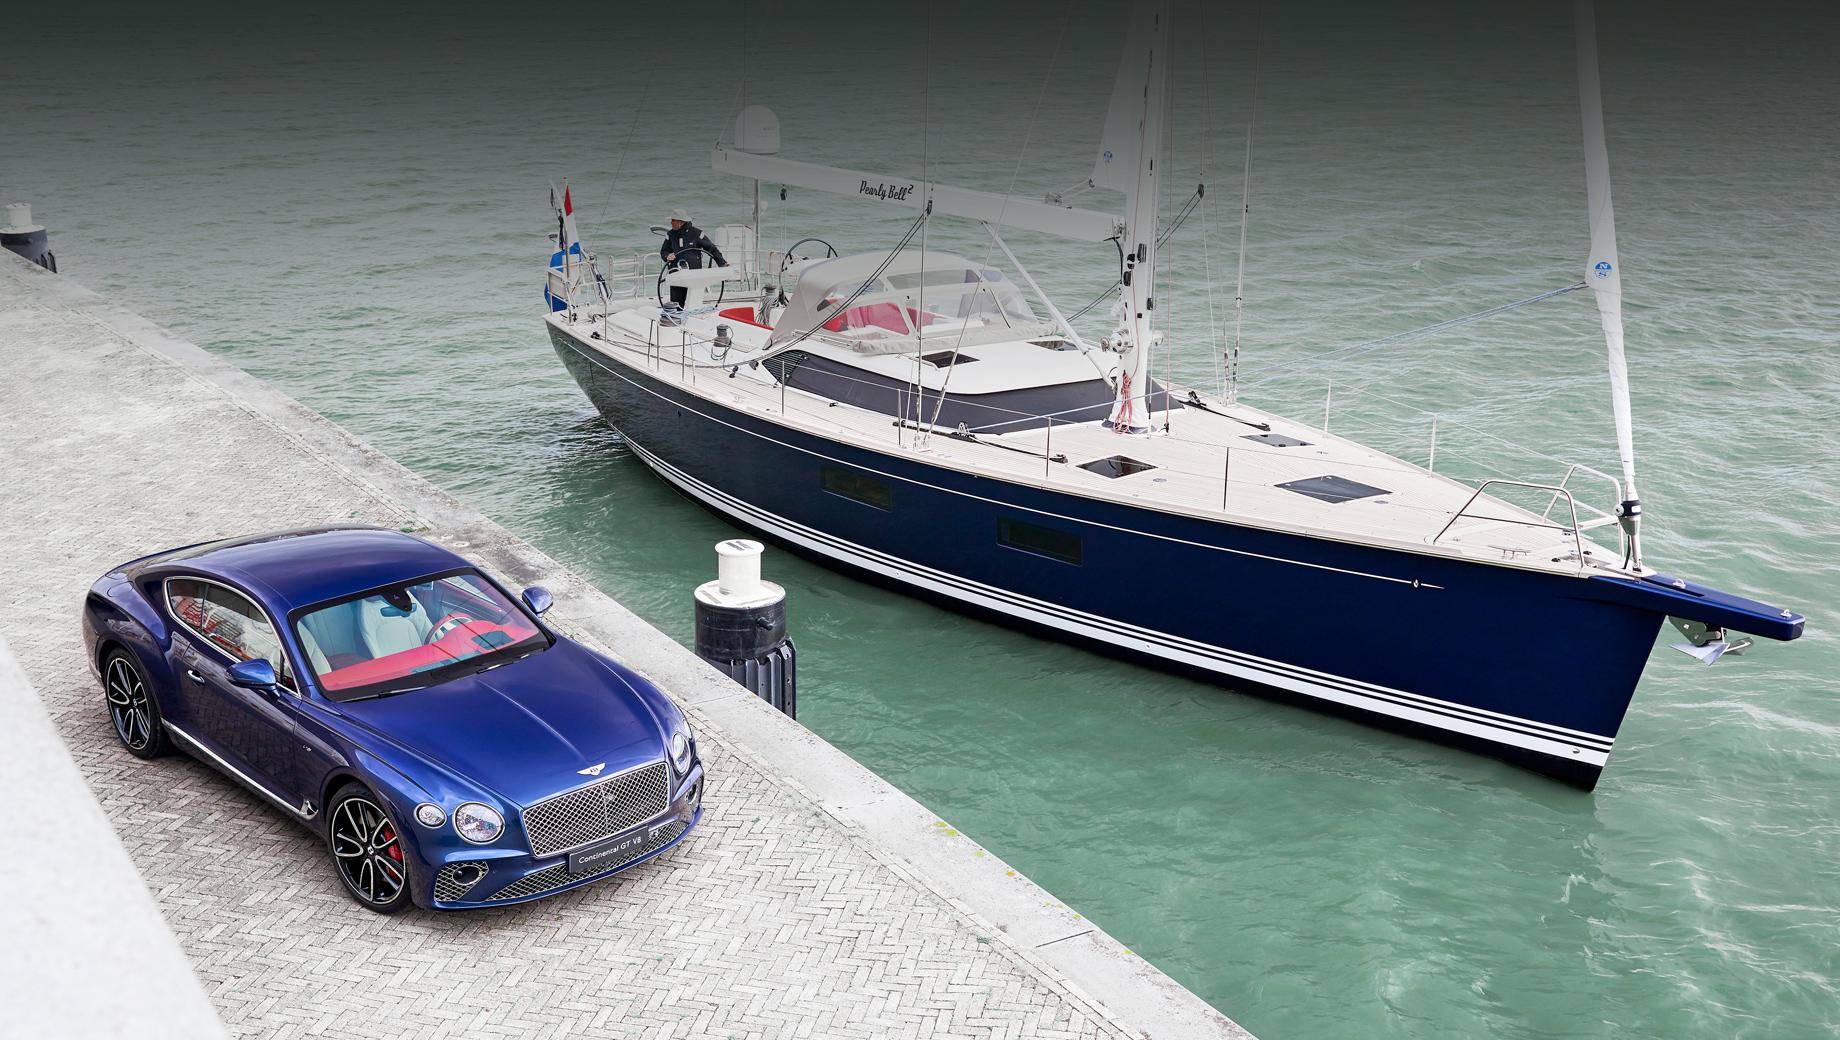 Bentley continental gt. Купе использует твинтурбовосьмёрку 4.0 с отдачей в 550 л.с. и 770 Н•м, а яхта — парус площадью 102 м² и вспомогательный 150-сильный мотор Volvo Penta.